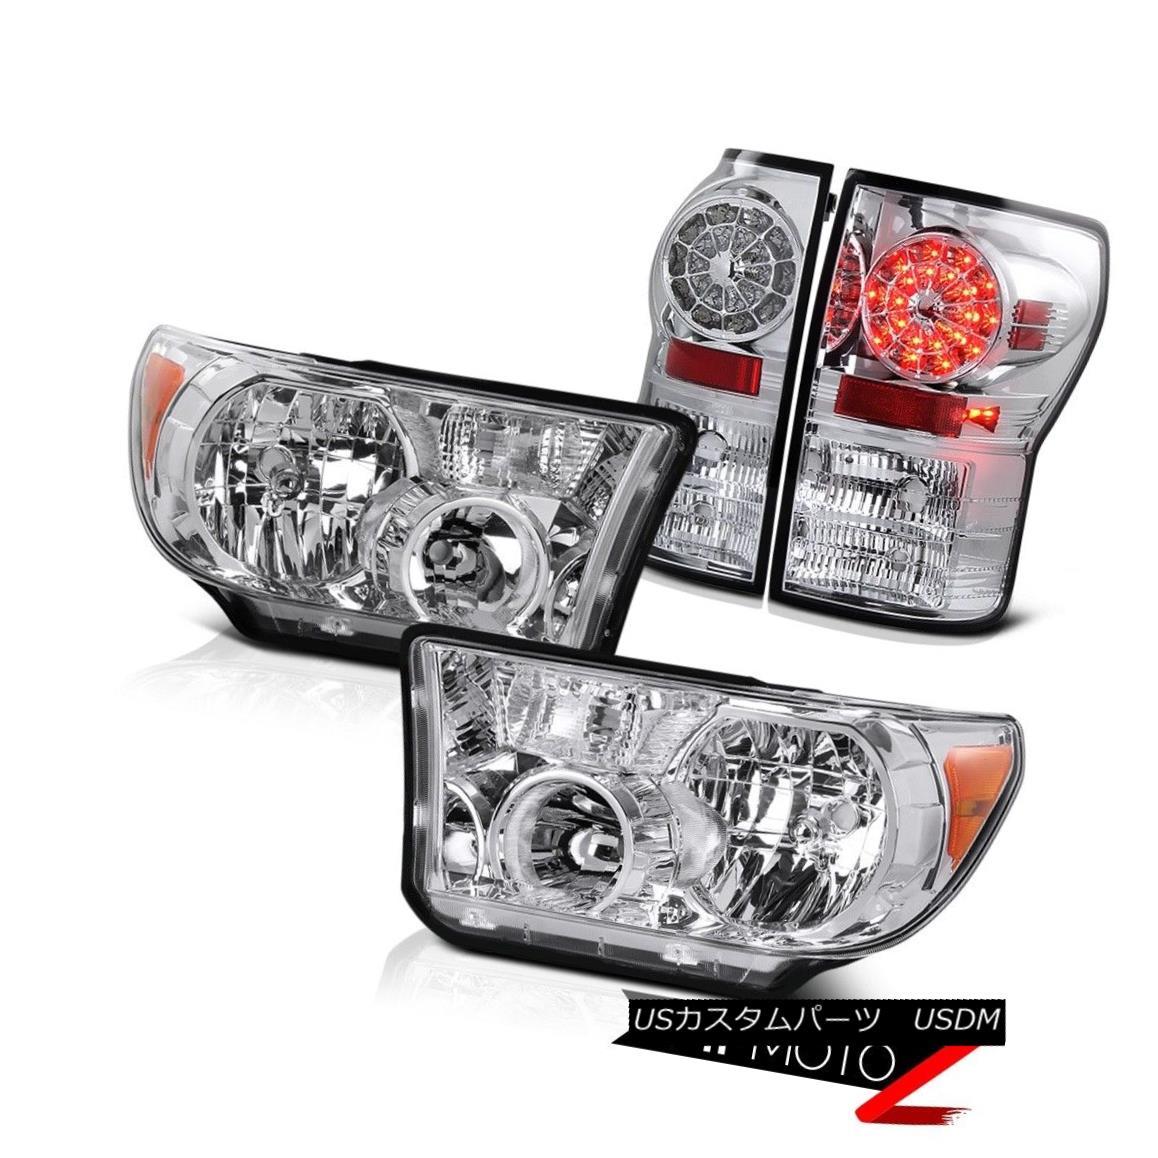 ヘッドライト Crystal Clear L+R Headlight Lamp+Chrome Led Tail Light Lamp 07-13 Tundra Truck クリスタルクリアL + Rヘッドライトランプ+クロームLedテールライトランプ07-13トンドラトラック